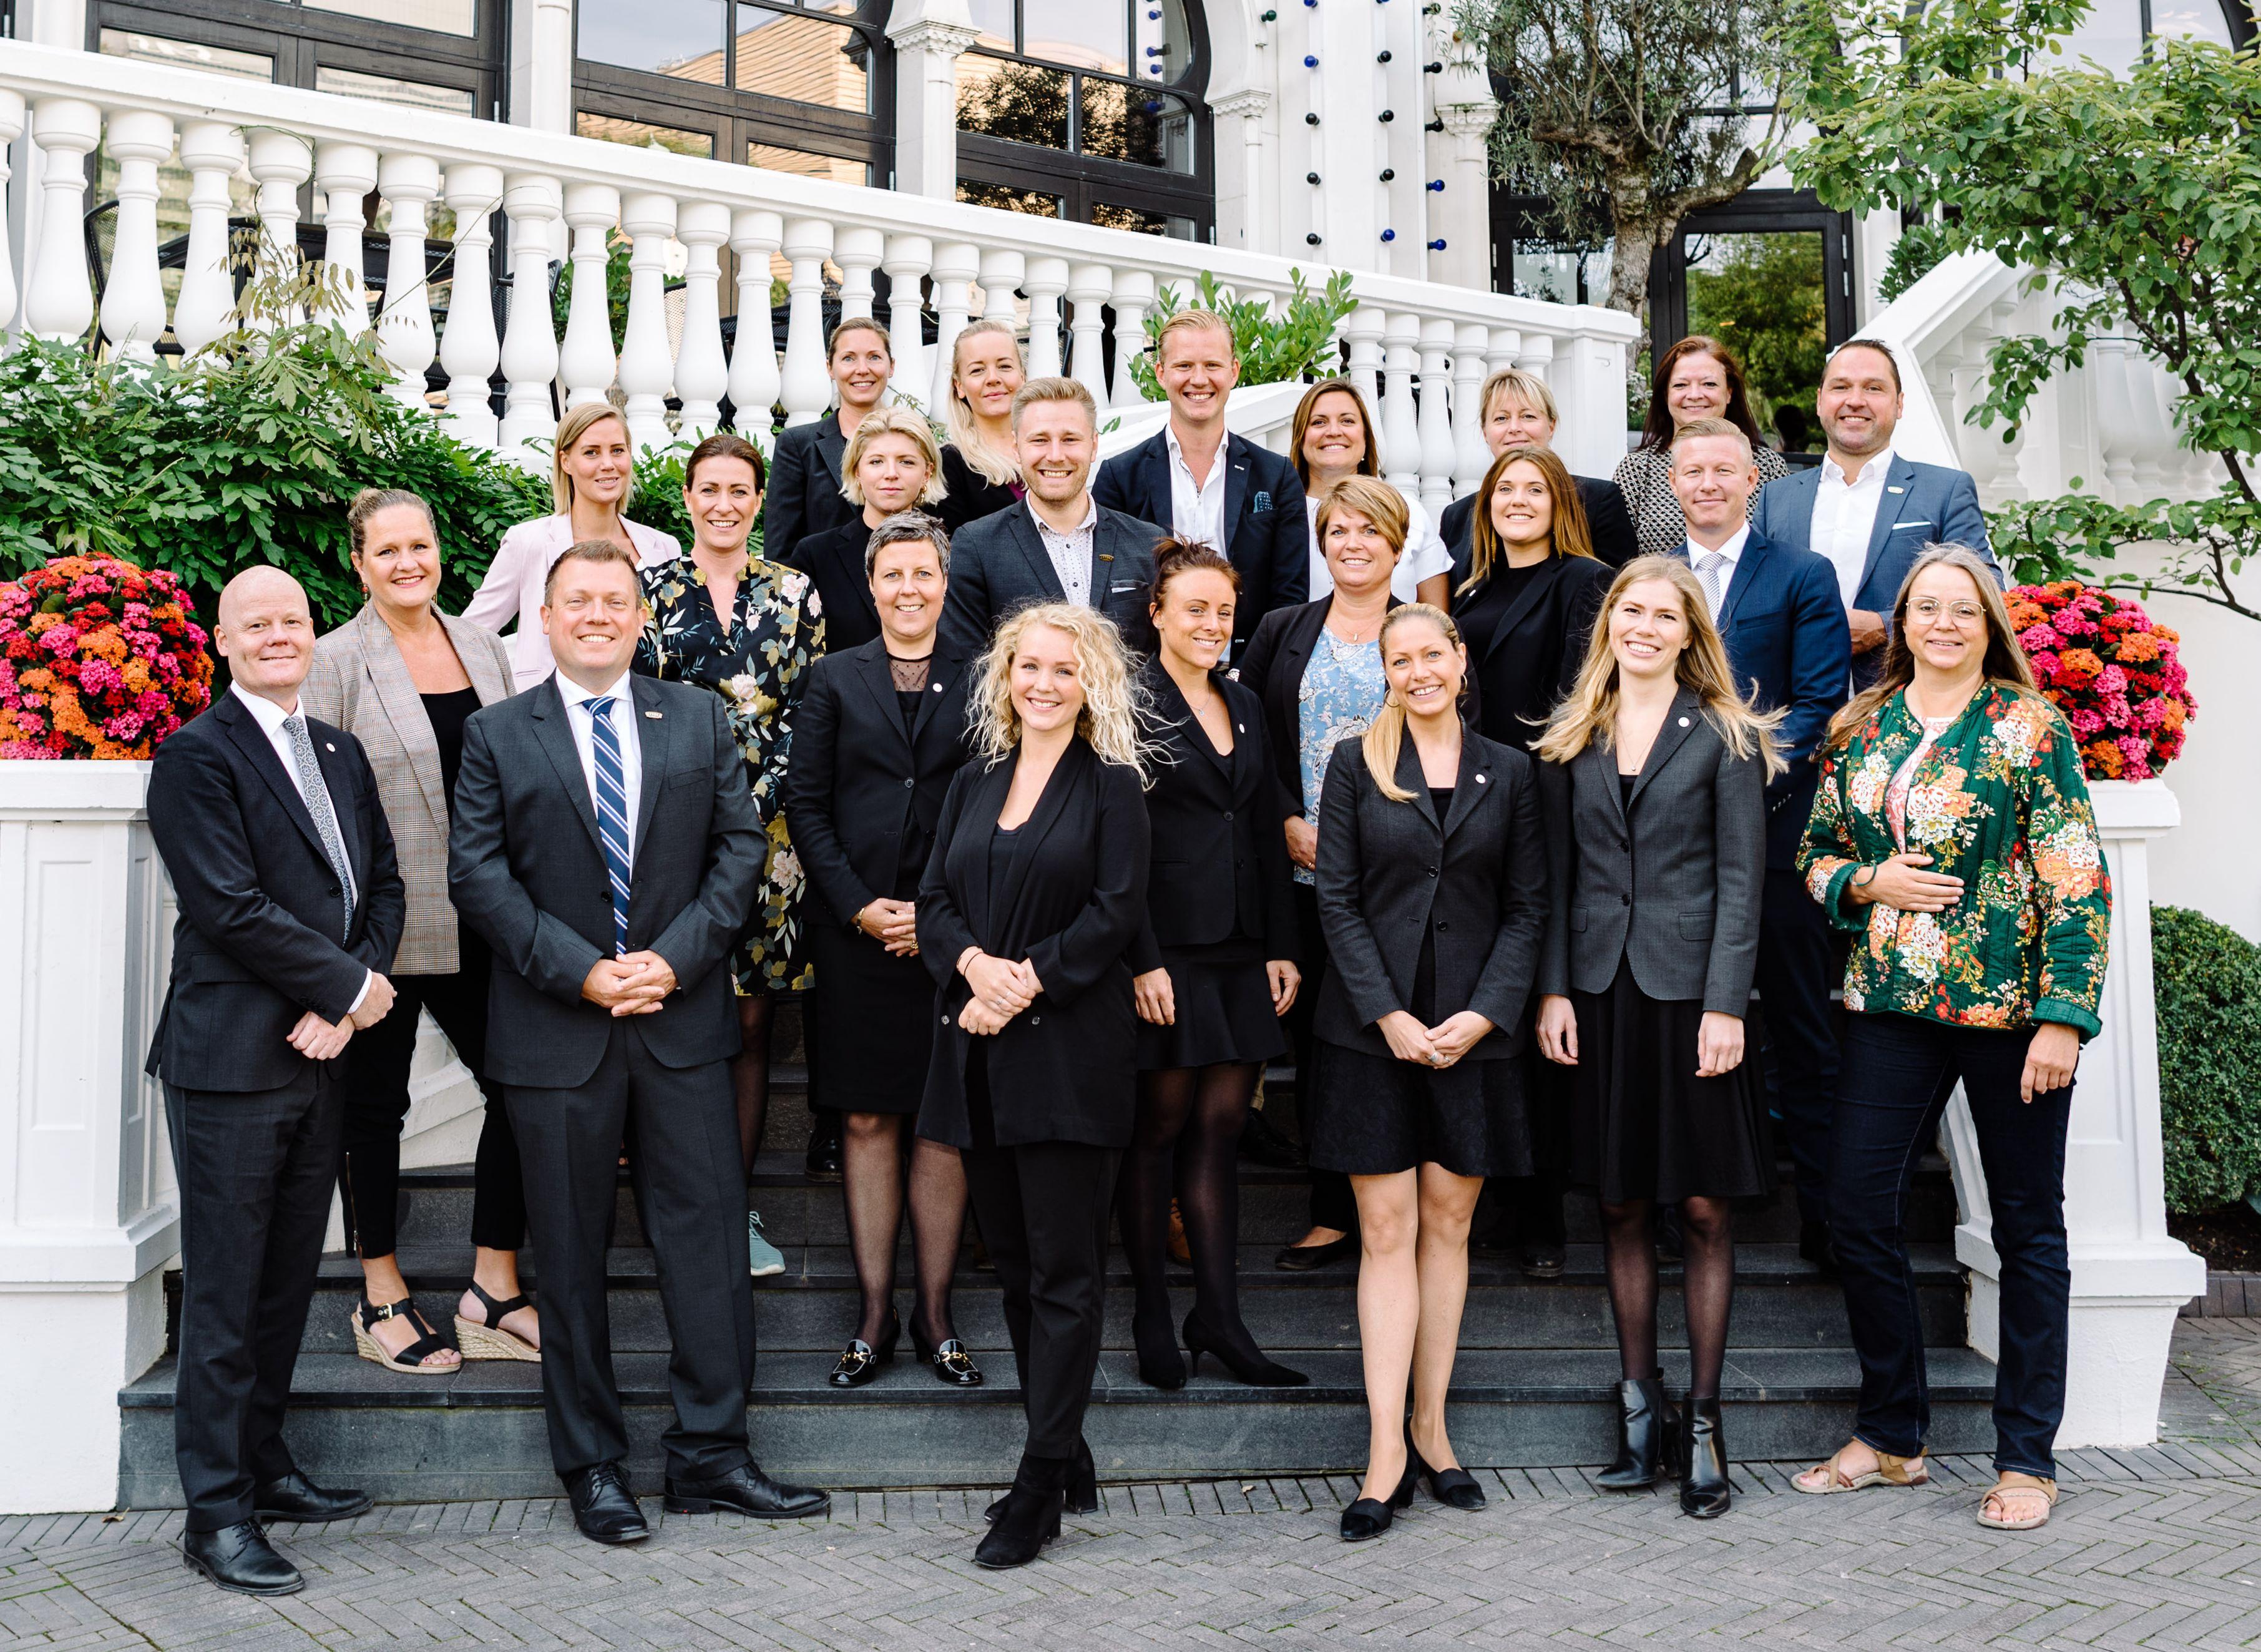 Tivolis BTB salgsteamet og medarbejderne indenfor booking- og eventkoordinering tæller nu 28 ansatte under ledelse af Lars Adler, BTB salgschef, nummer to til venstre i forreste række. Foto: Tivoli.